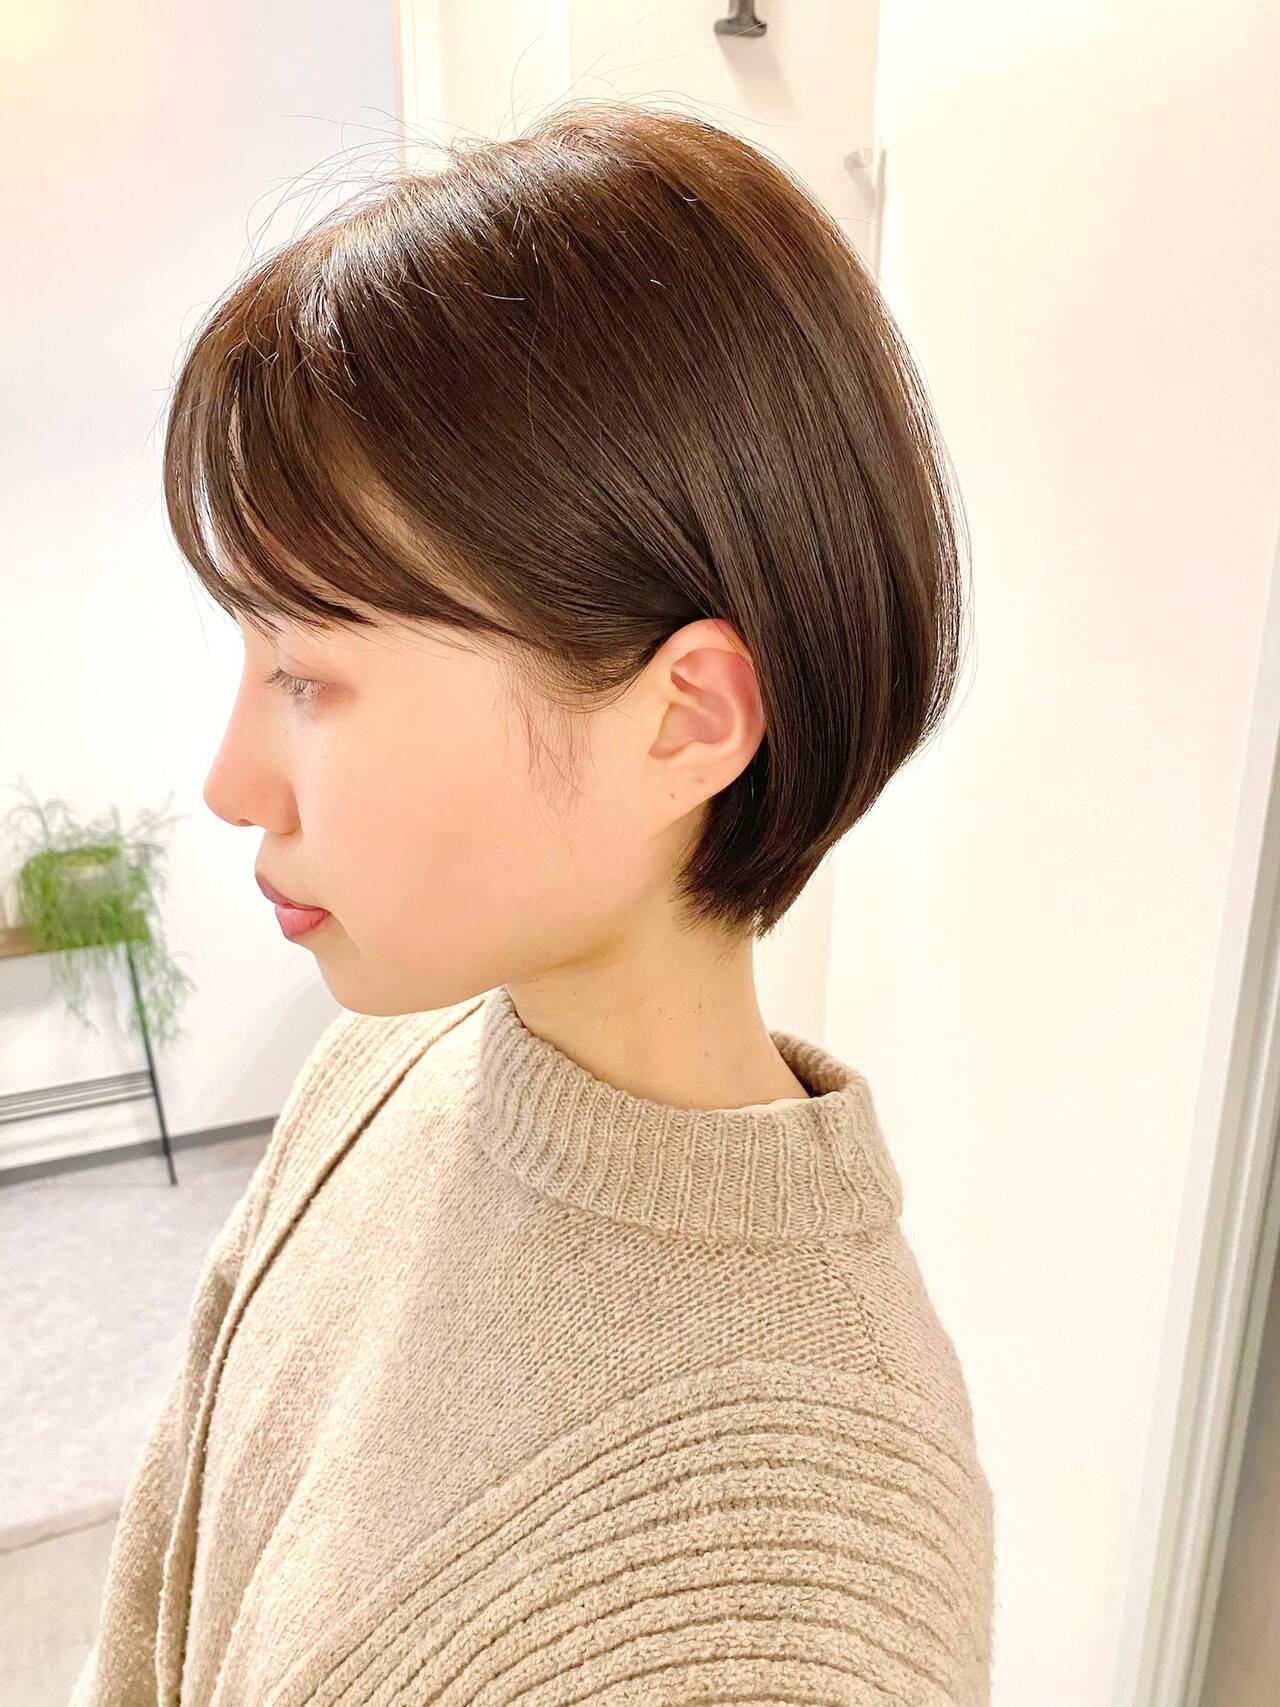 大人可愛い【ショート・ボブが得意】つばさ/VIE